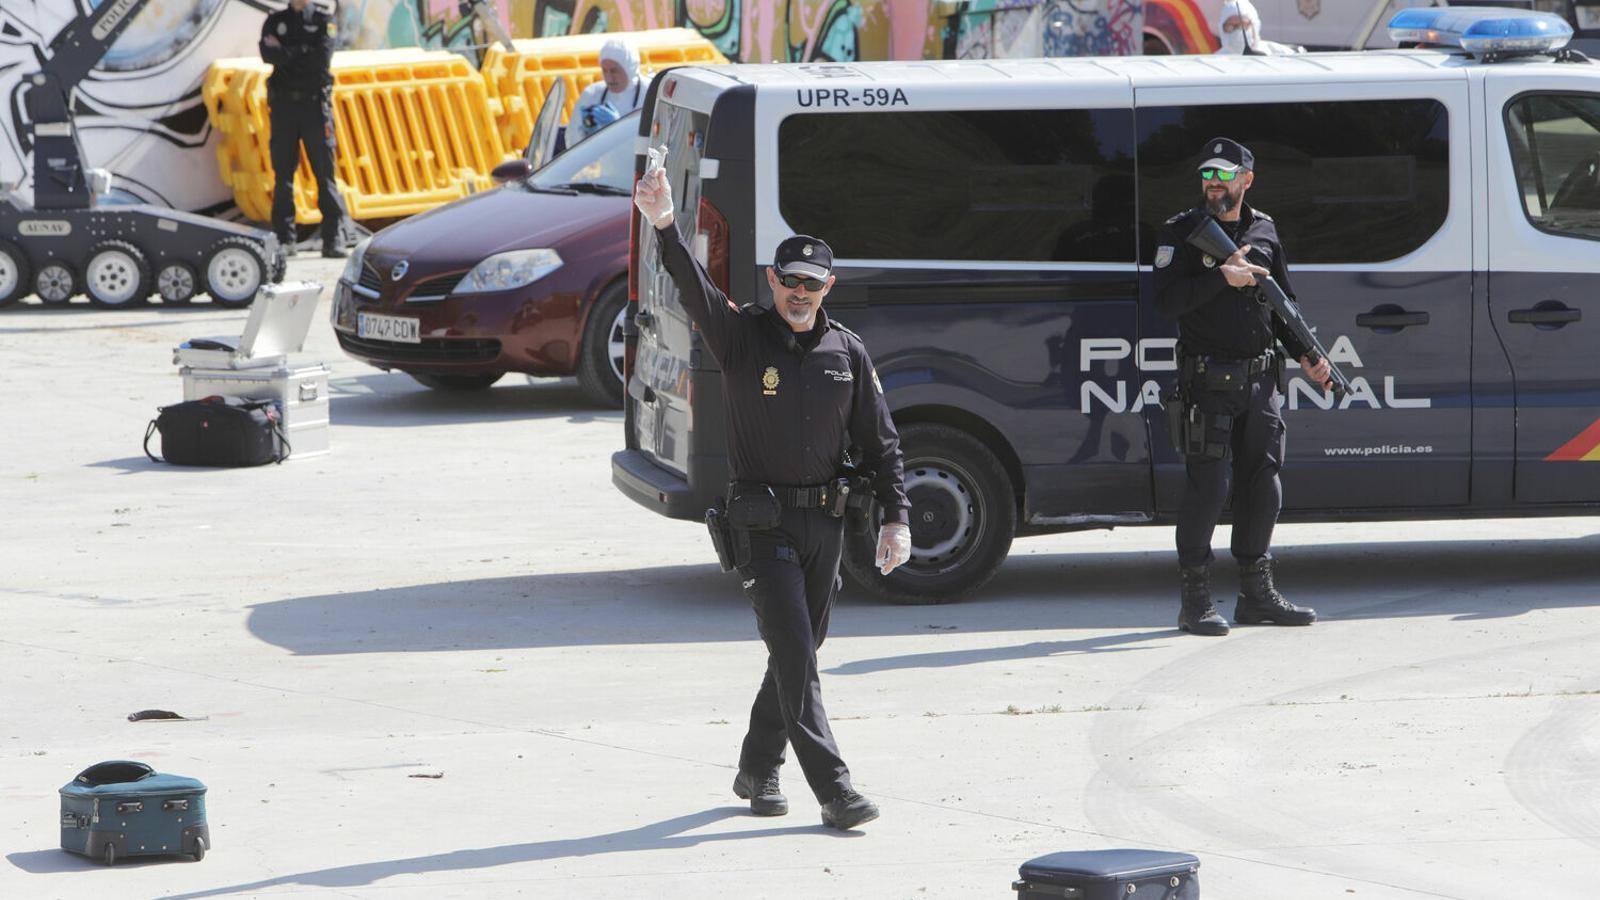 La intervenció policial s'ha saldat amb dos detinguts que residien a Maó.